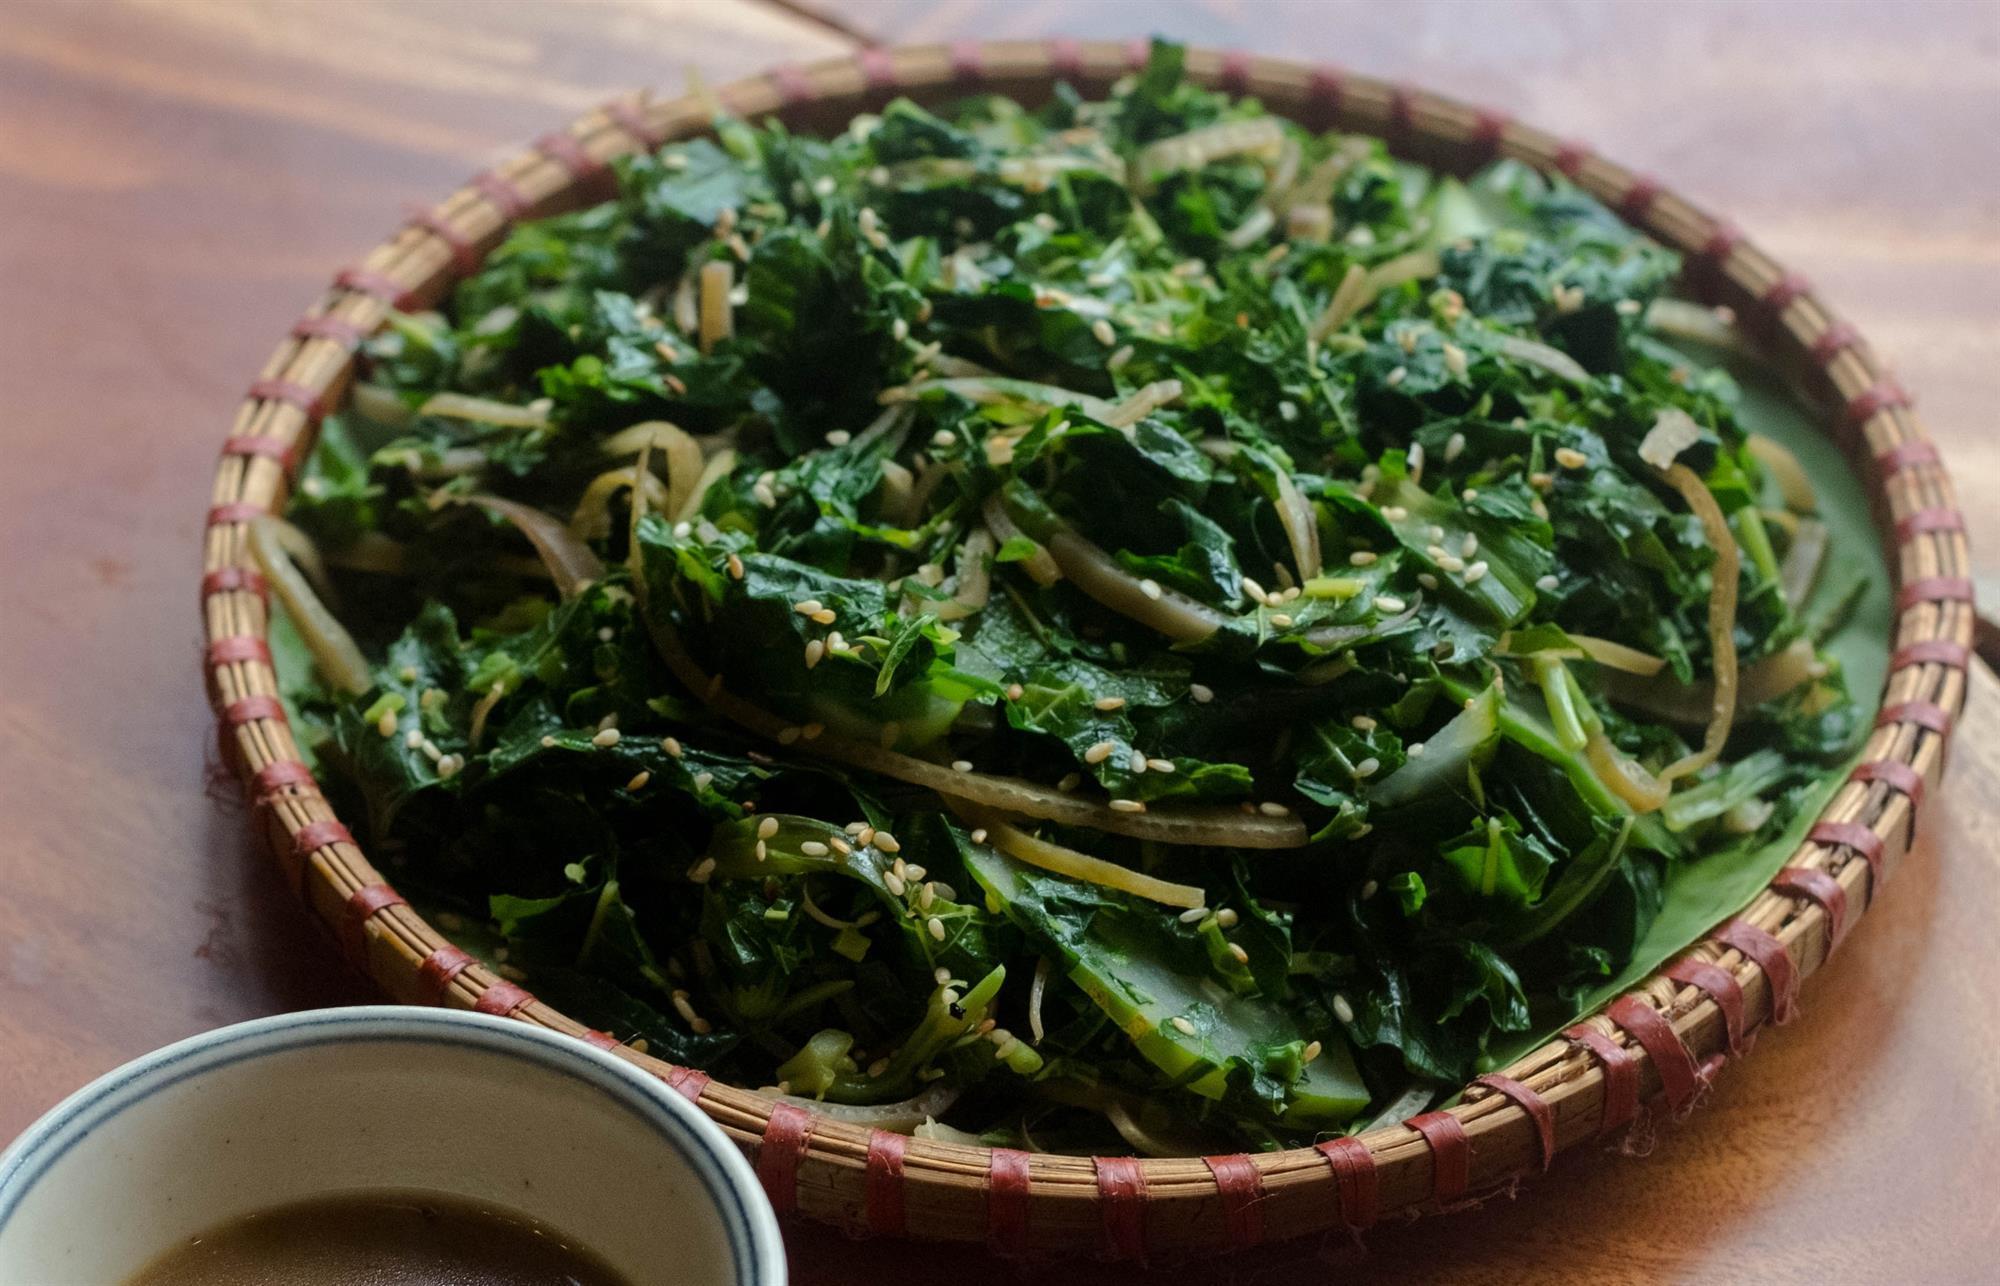 Độc đáo món rau rừng đồ chấm nước lòng cá của người Mường, Phú Thọ